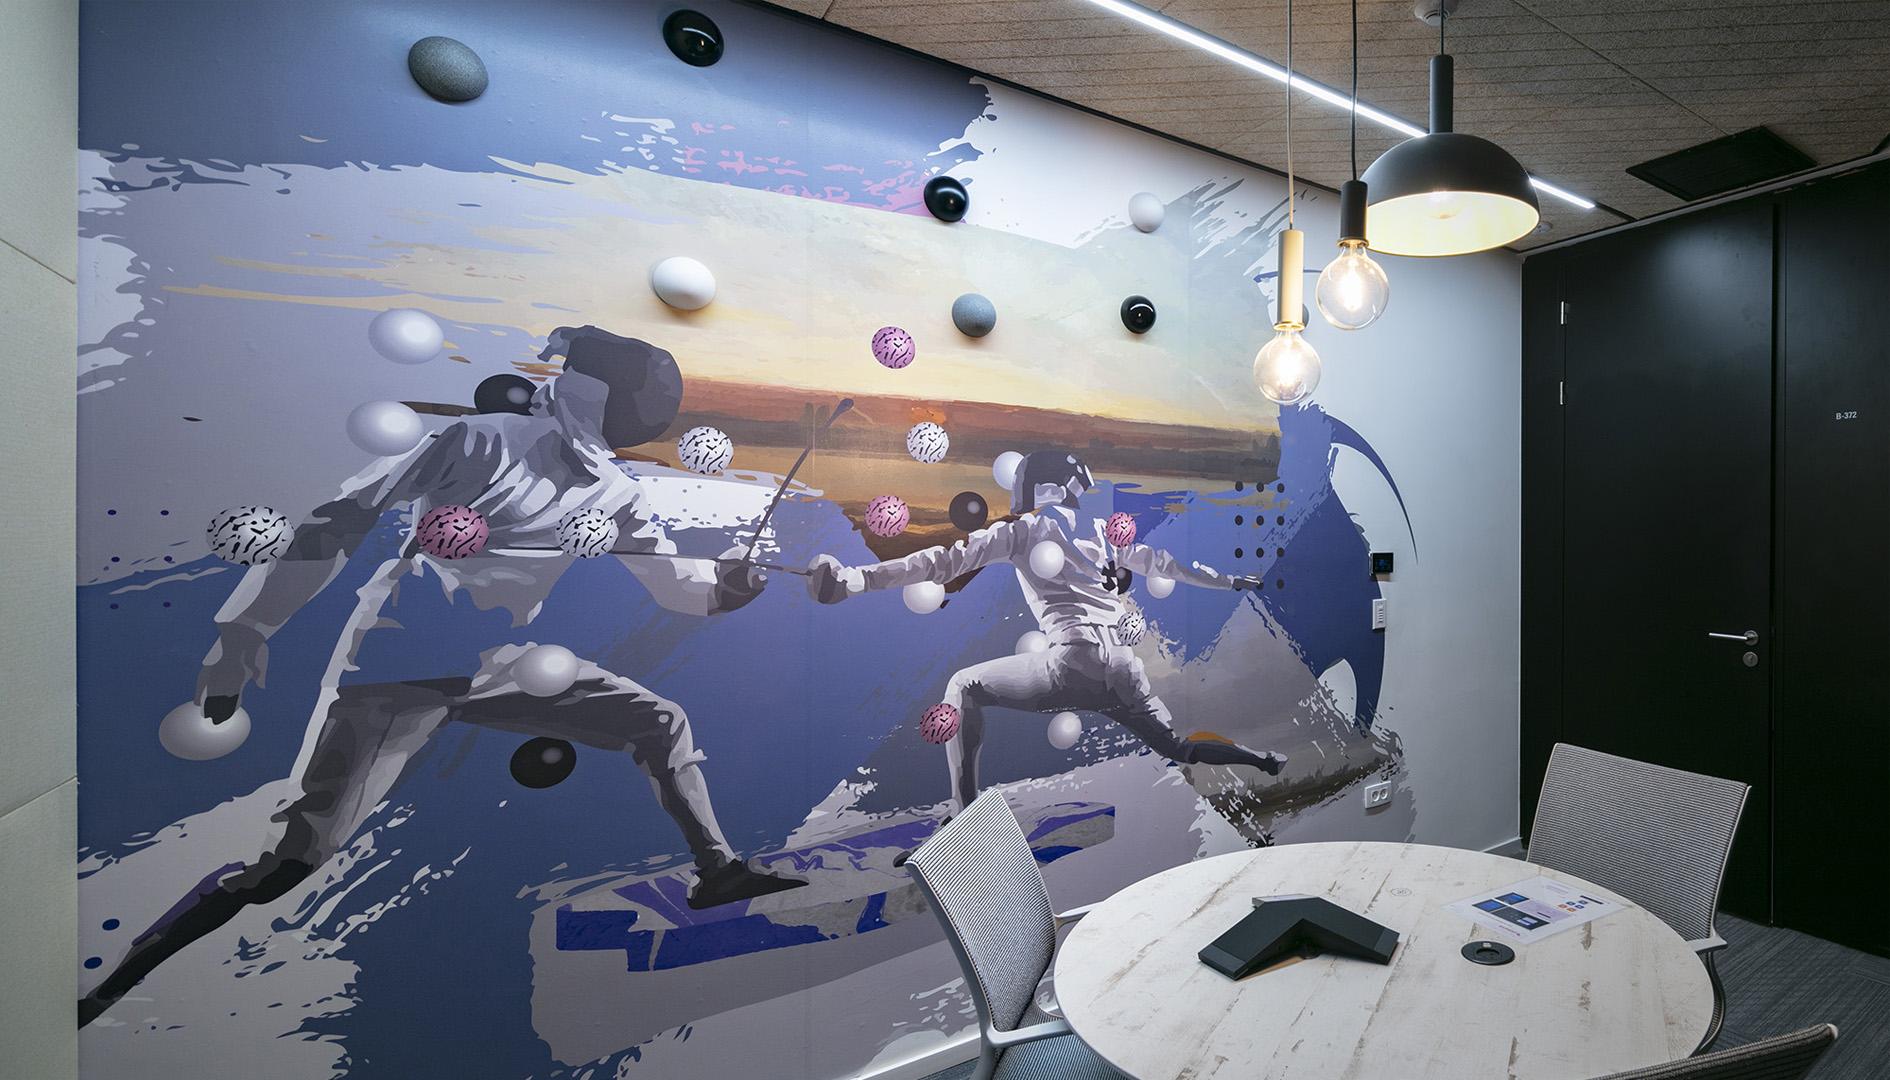 עיצוב משרדים | מיתוג גרפי | חברת ורוניס | עיצוב מוצר | עיצוב גרפי במרחב | מיתוג משרדים | עיצוב חללי עבודה | עיצוב קירות